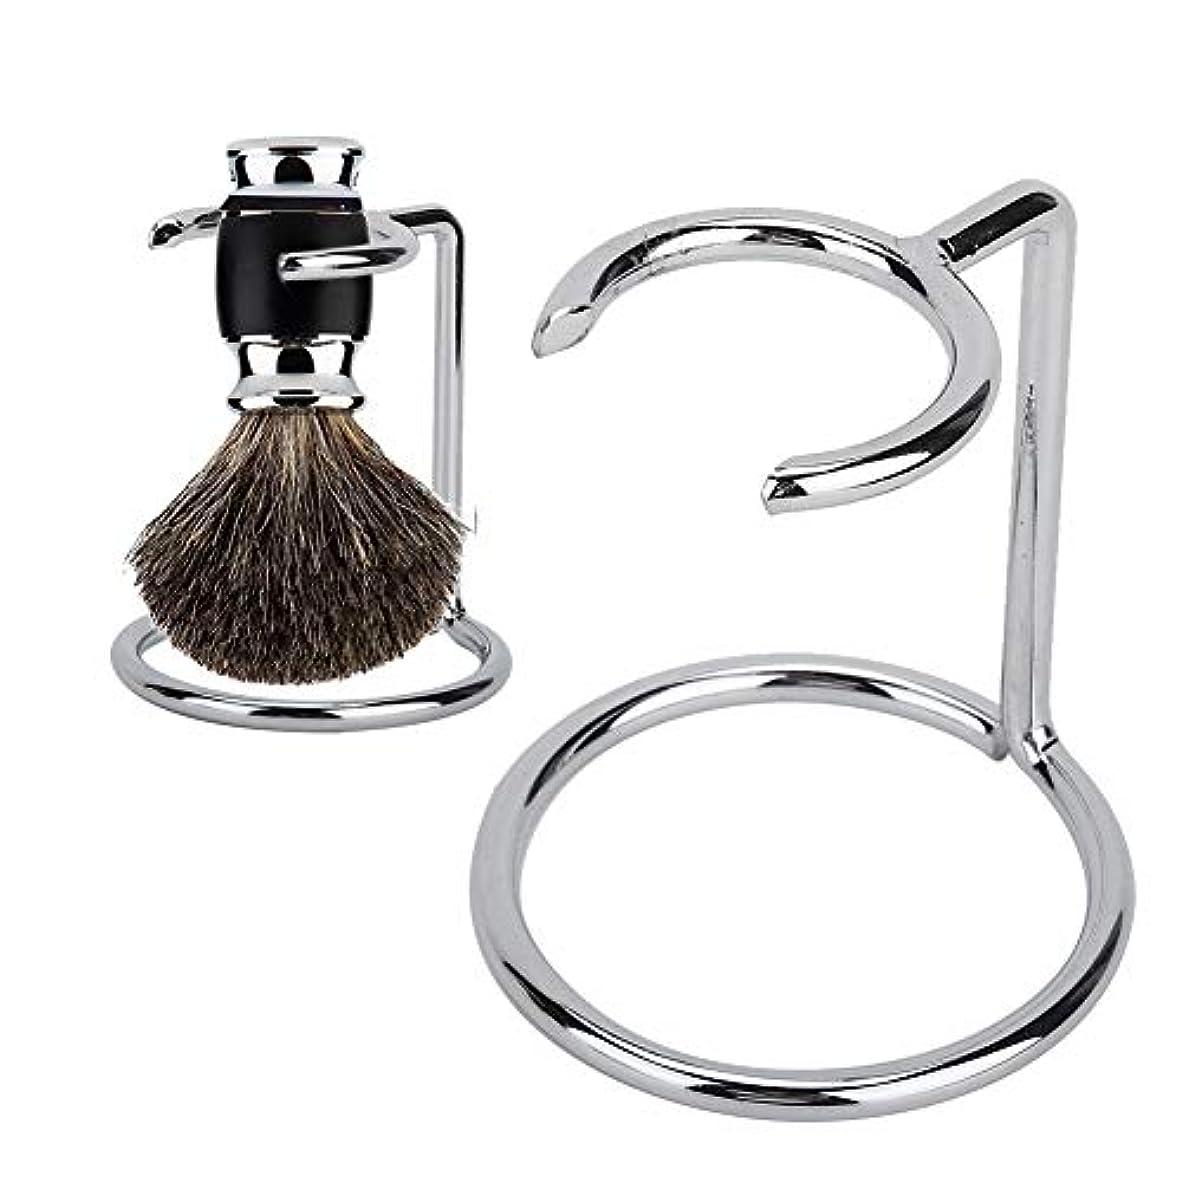 過度にフィルタ恐ろしいです剃毛ブラシ立場、ステンレス鋼材料はサロンの使用のための適した錆の流行の安全ブラシホルダーを防ぎます家の使用および旅行使用